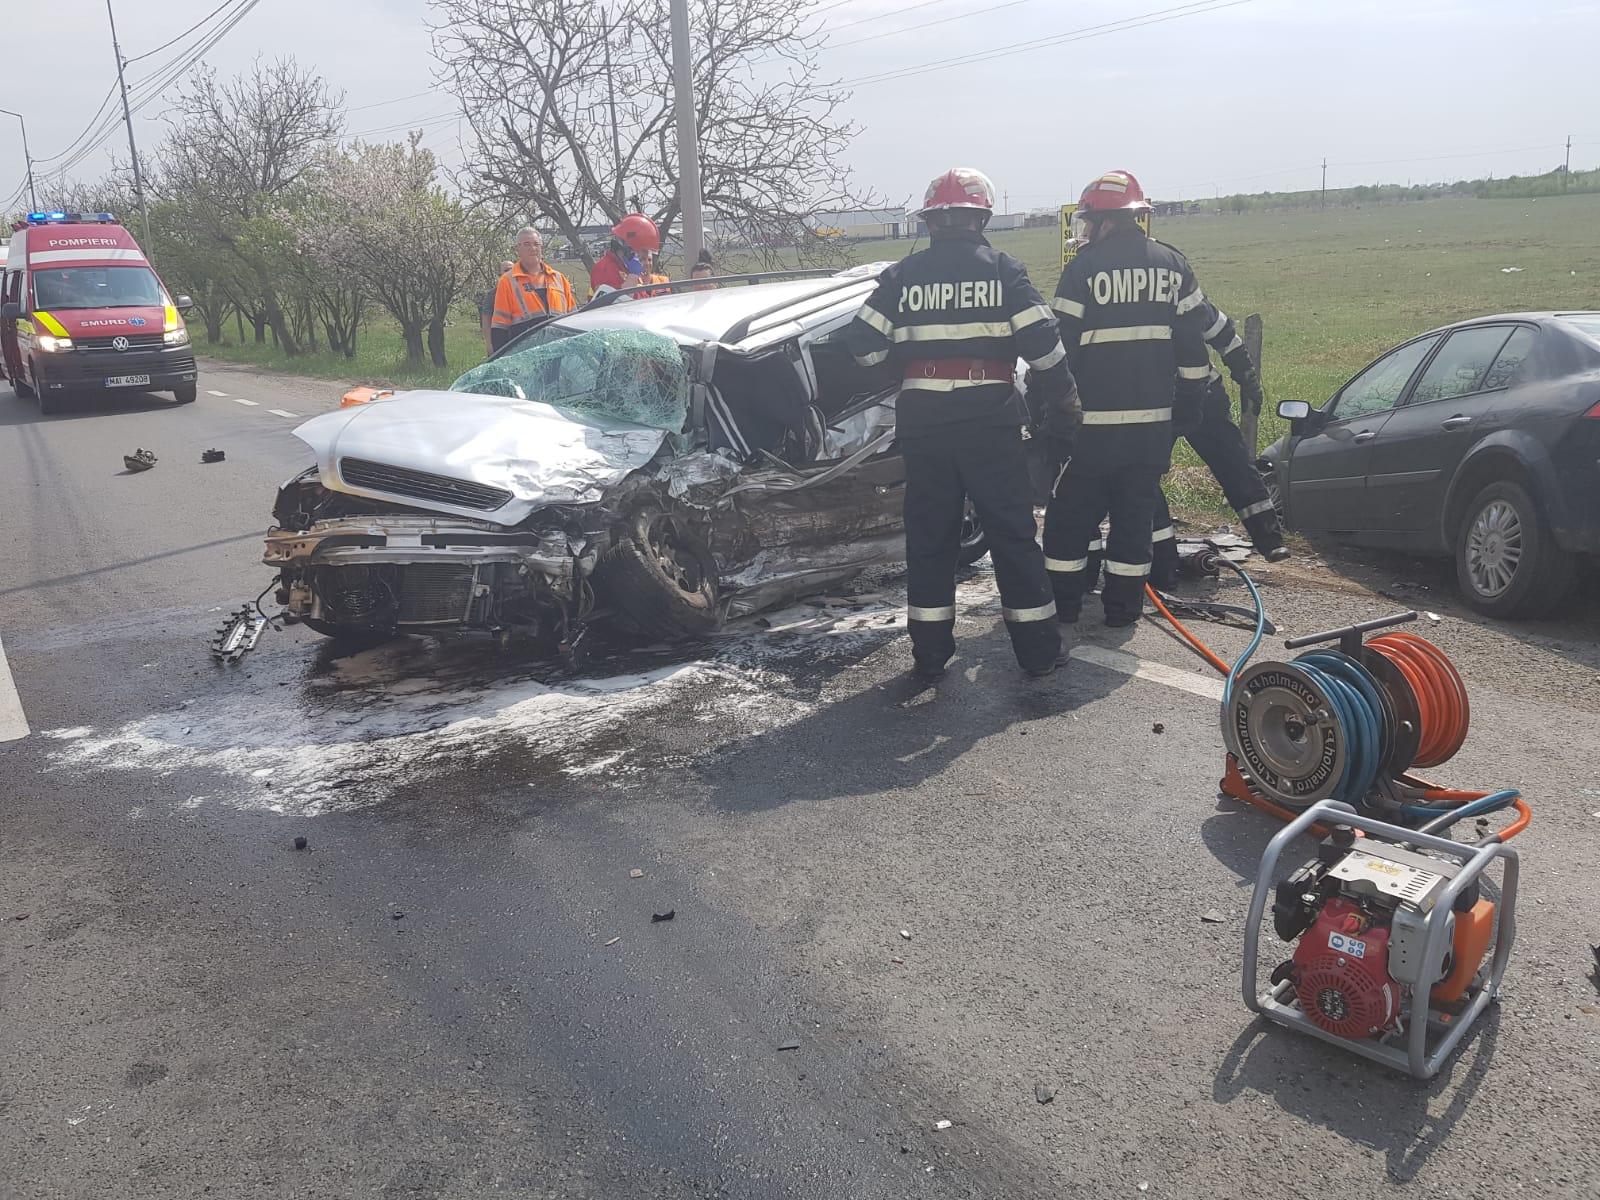 Három gépkocsi ütközött össze Nagyváradon, hárman kórházba kerültek